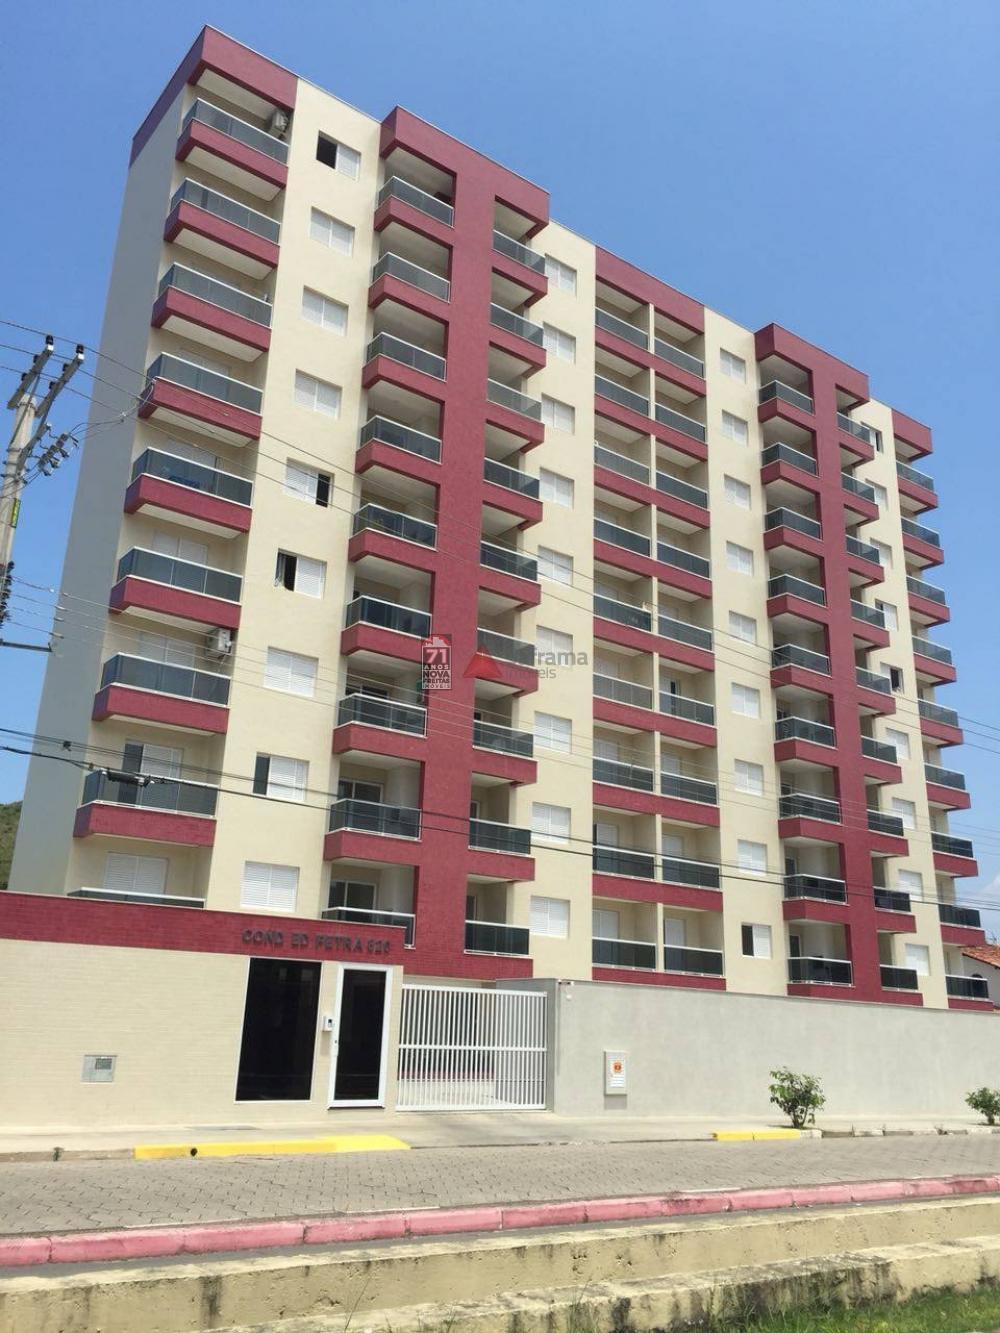 Comprar Apartamento / Padrão em Caraguatatuba apenas R$ 450.000,00 - Foto 1